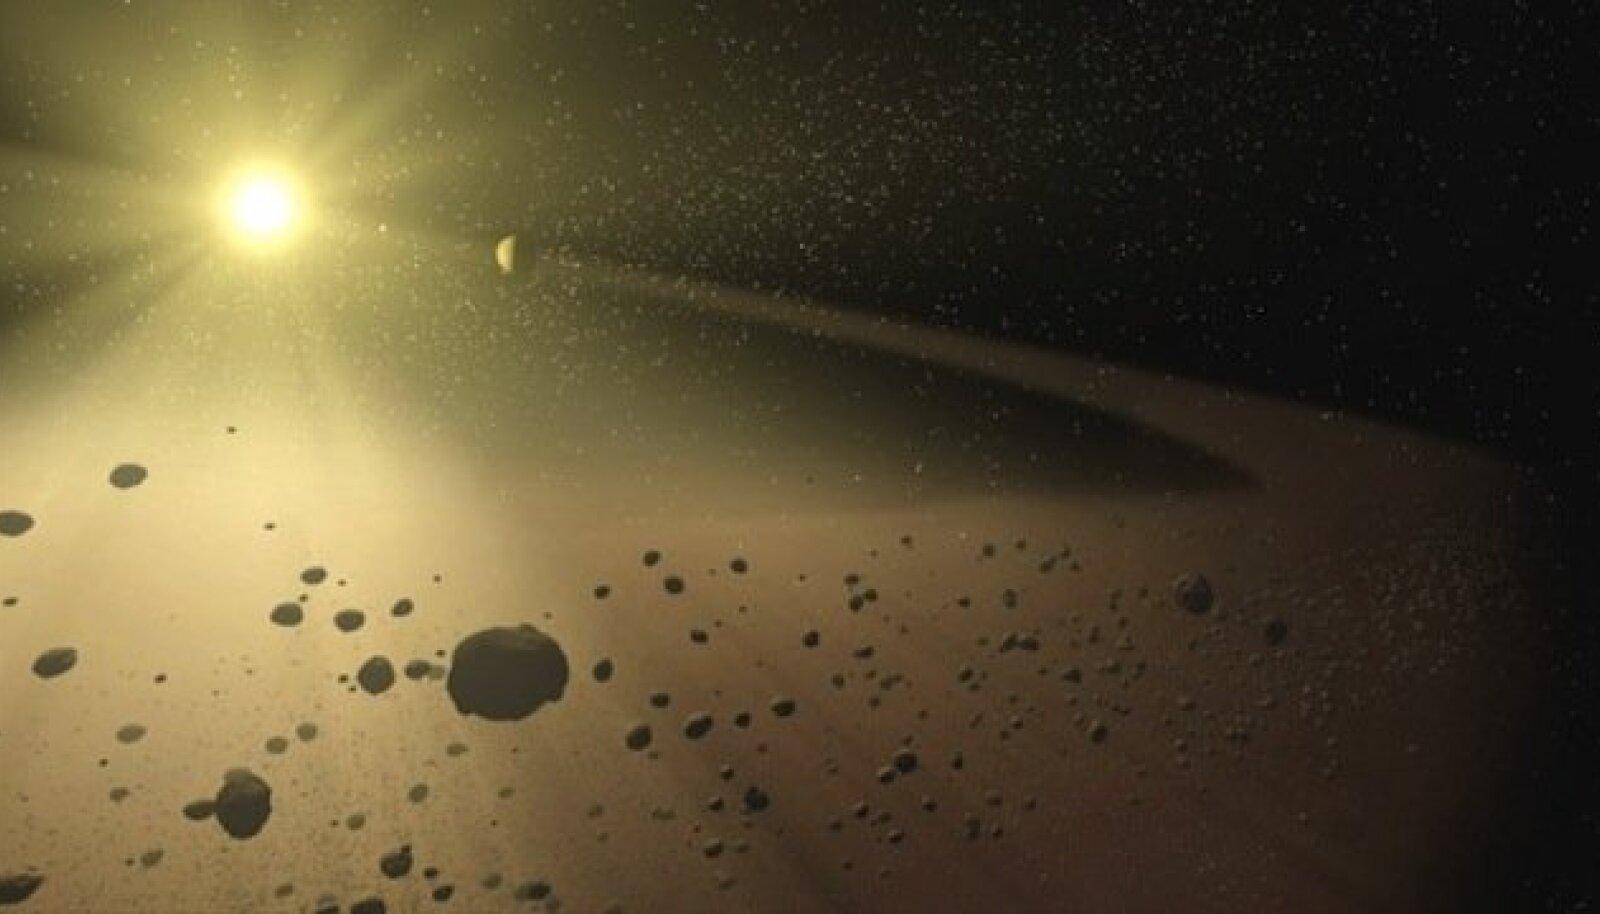 Asteroididevöö on üsna kivine paik. fastcompany.com